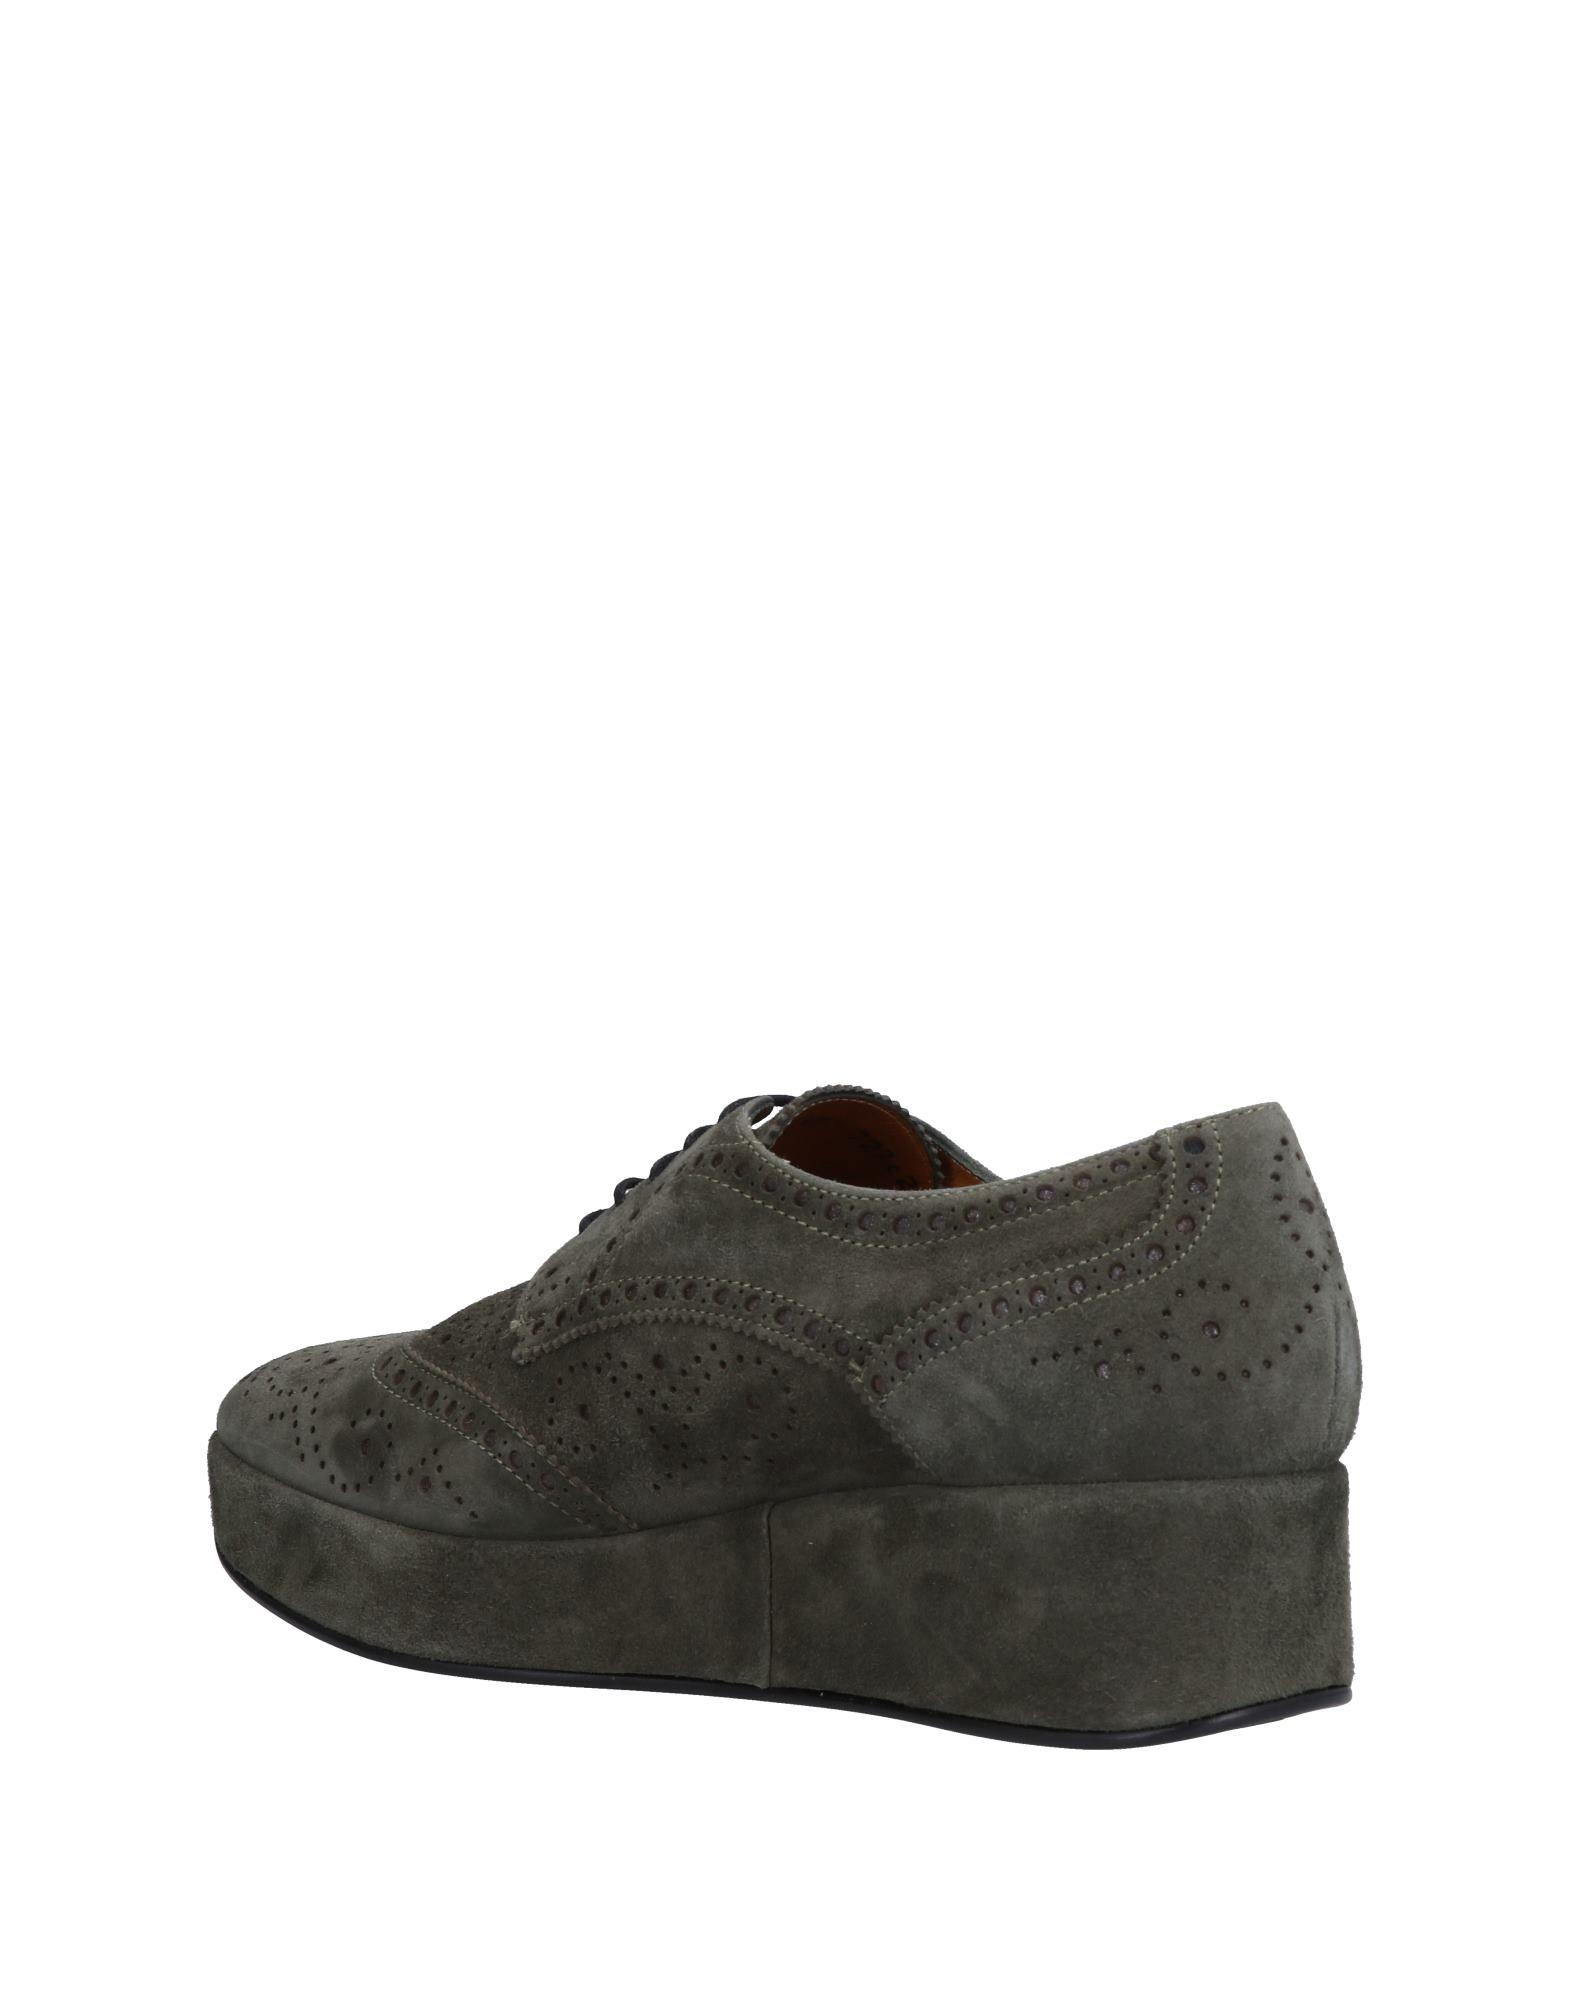 Pons Quintana Schnürschuhe Damen  11500322DQ Gute Qualität beliebte Schuhe